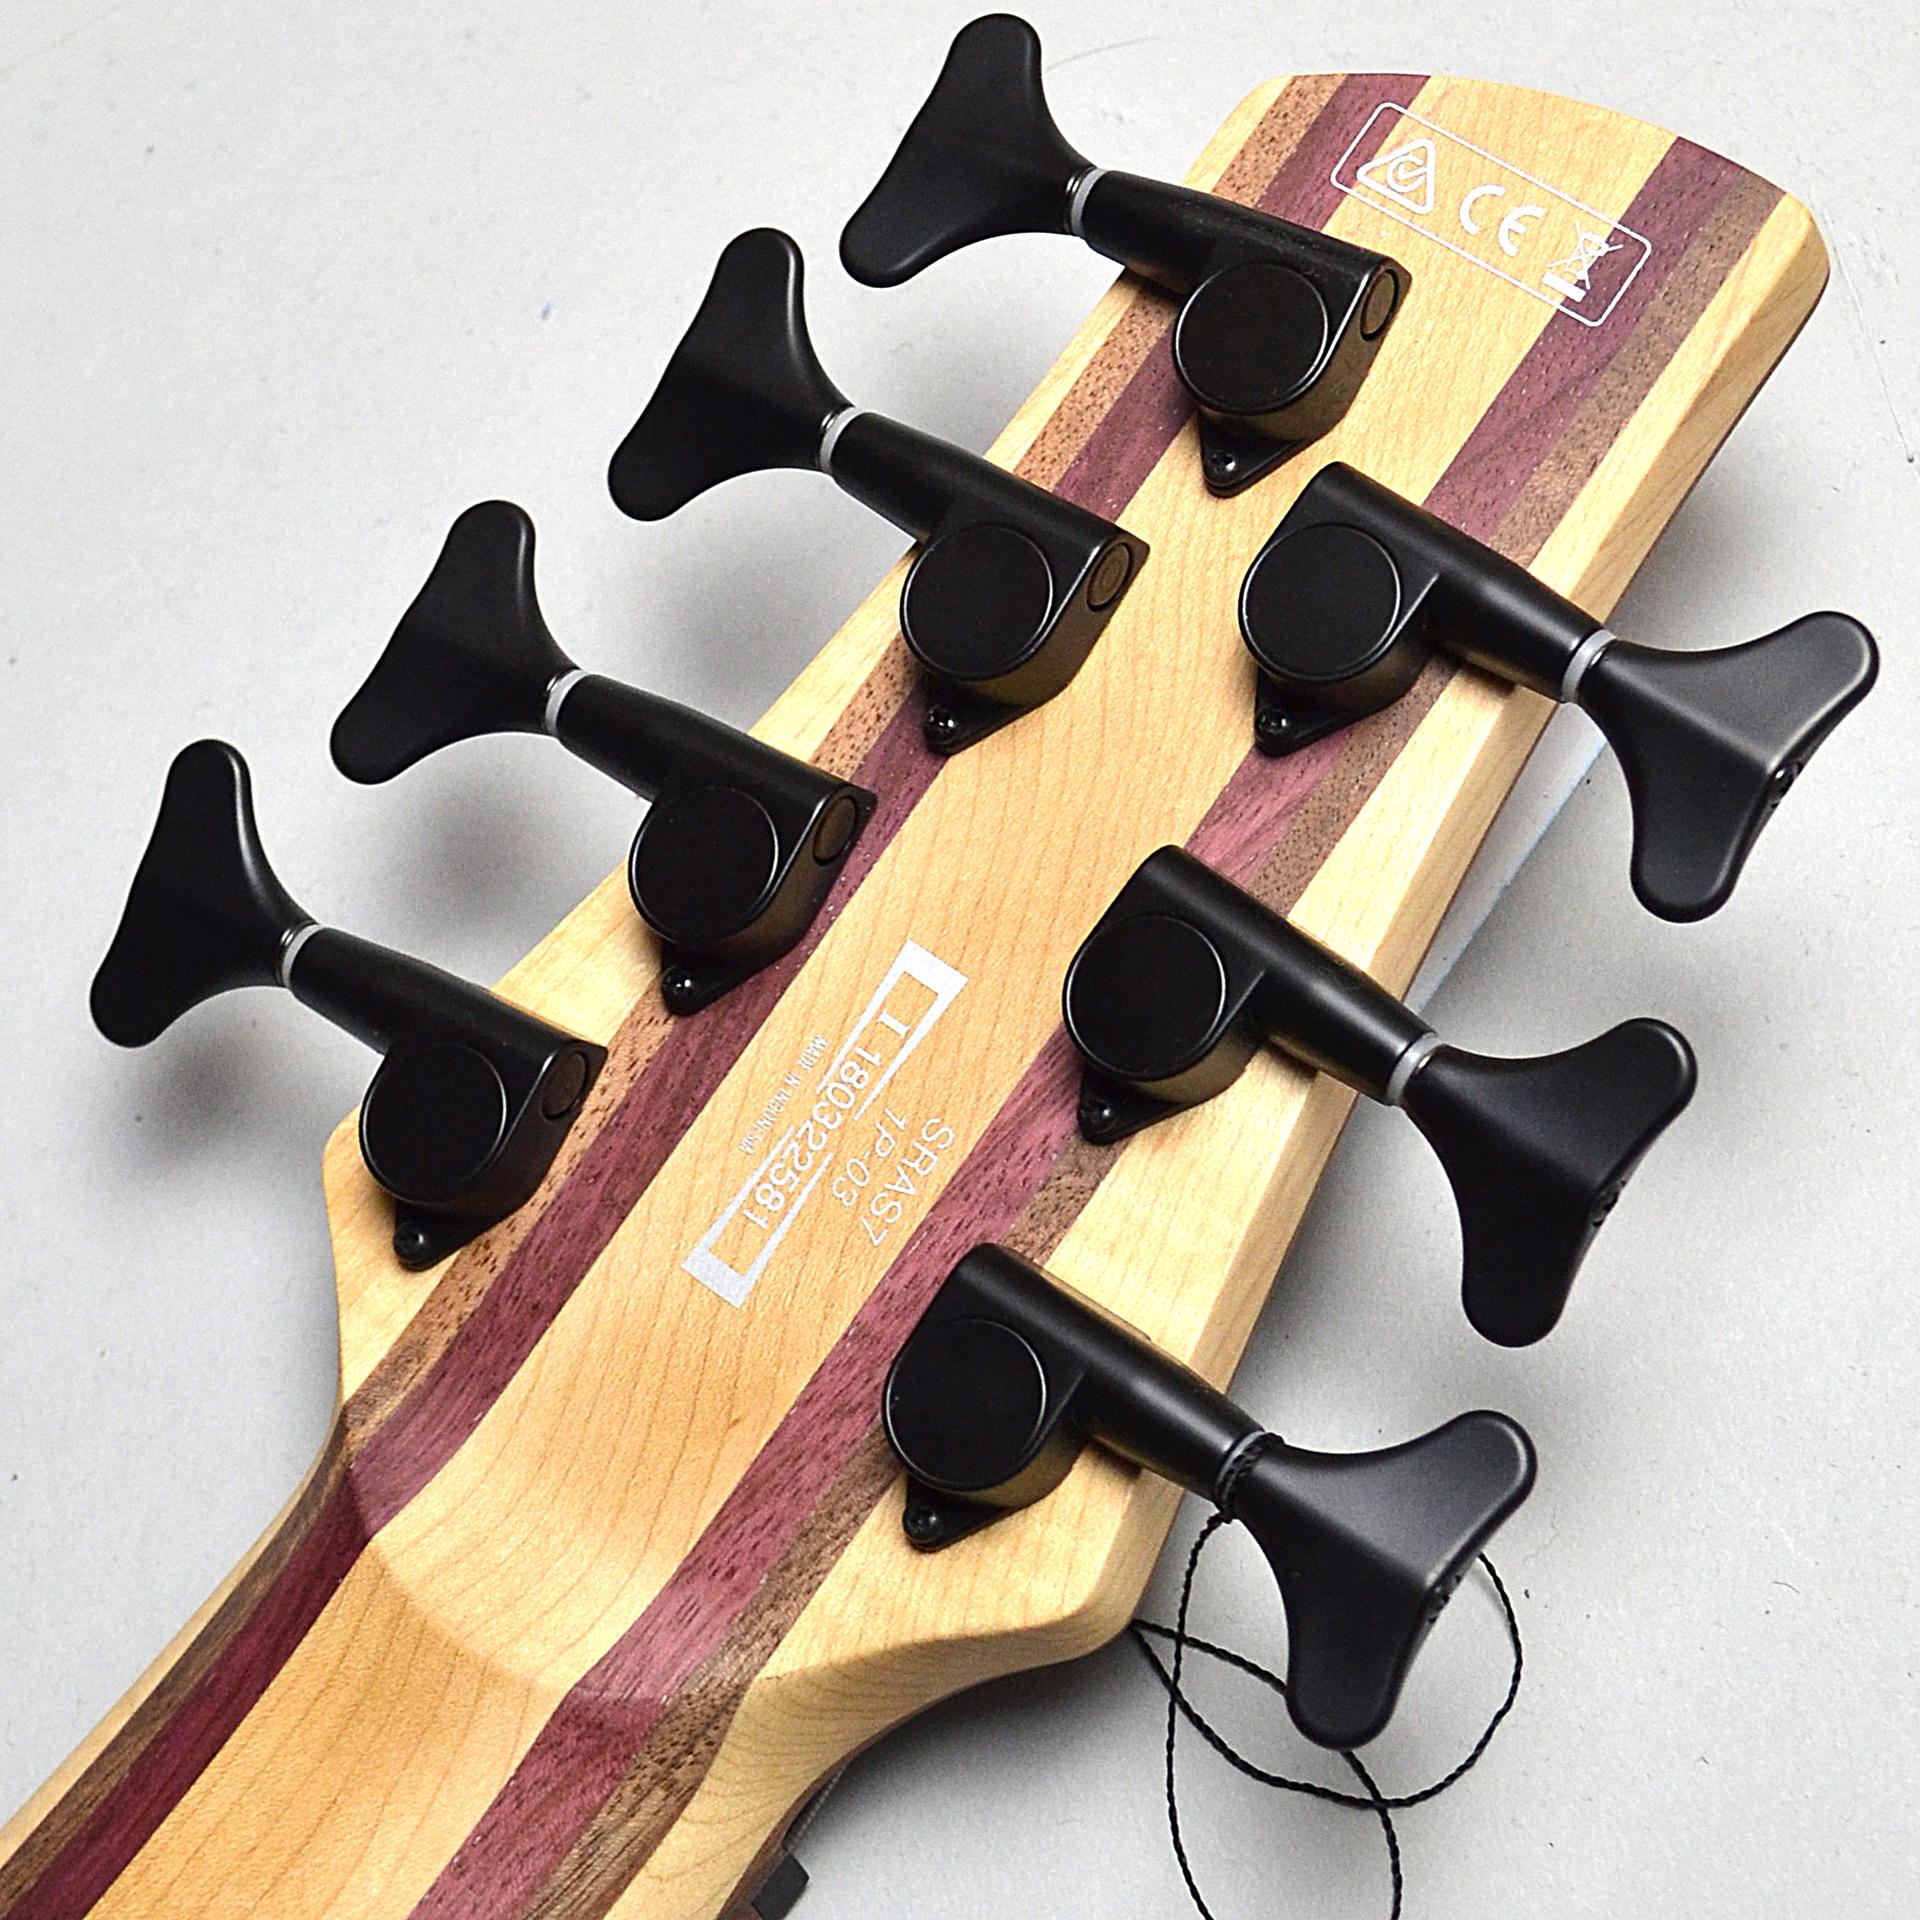 Ashula Bass SRAS7の全体画像(縦)